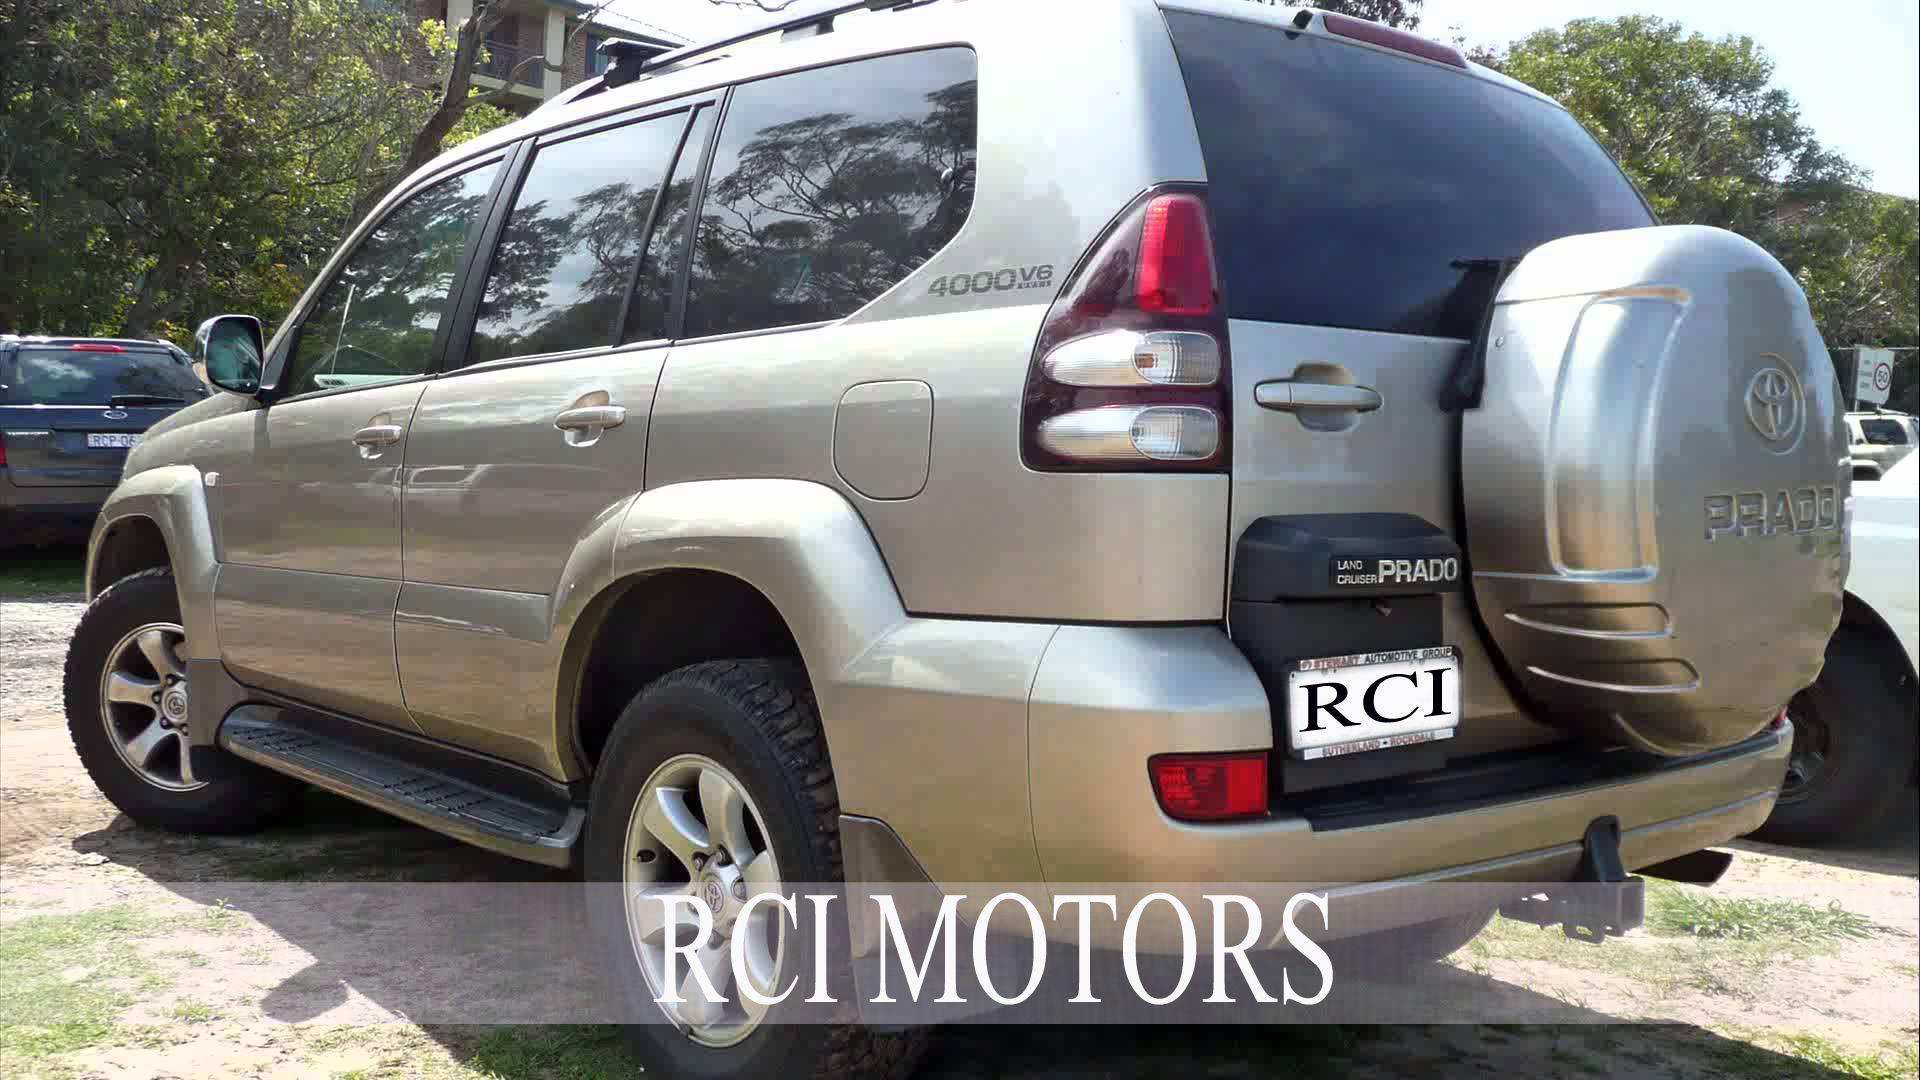 RCI Motors Rent a car, Suv car, 4x4